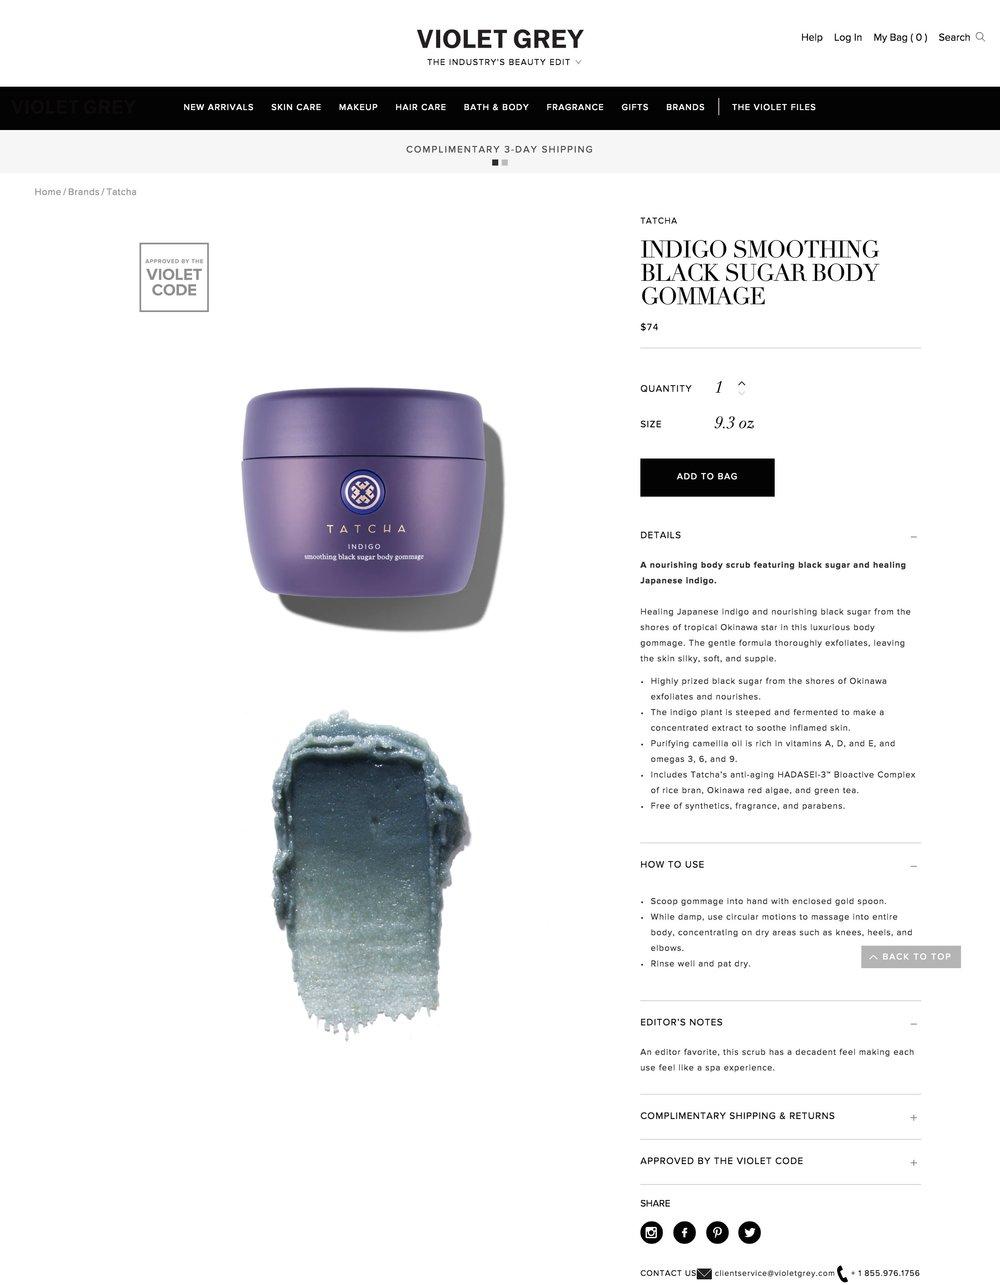 screencapture-violetgrey-product-indigo-smoothing-black-sugar-body-gommage-TAT-LE16-INDG-GOMMAGE-1487191177639.jpg